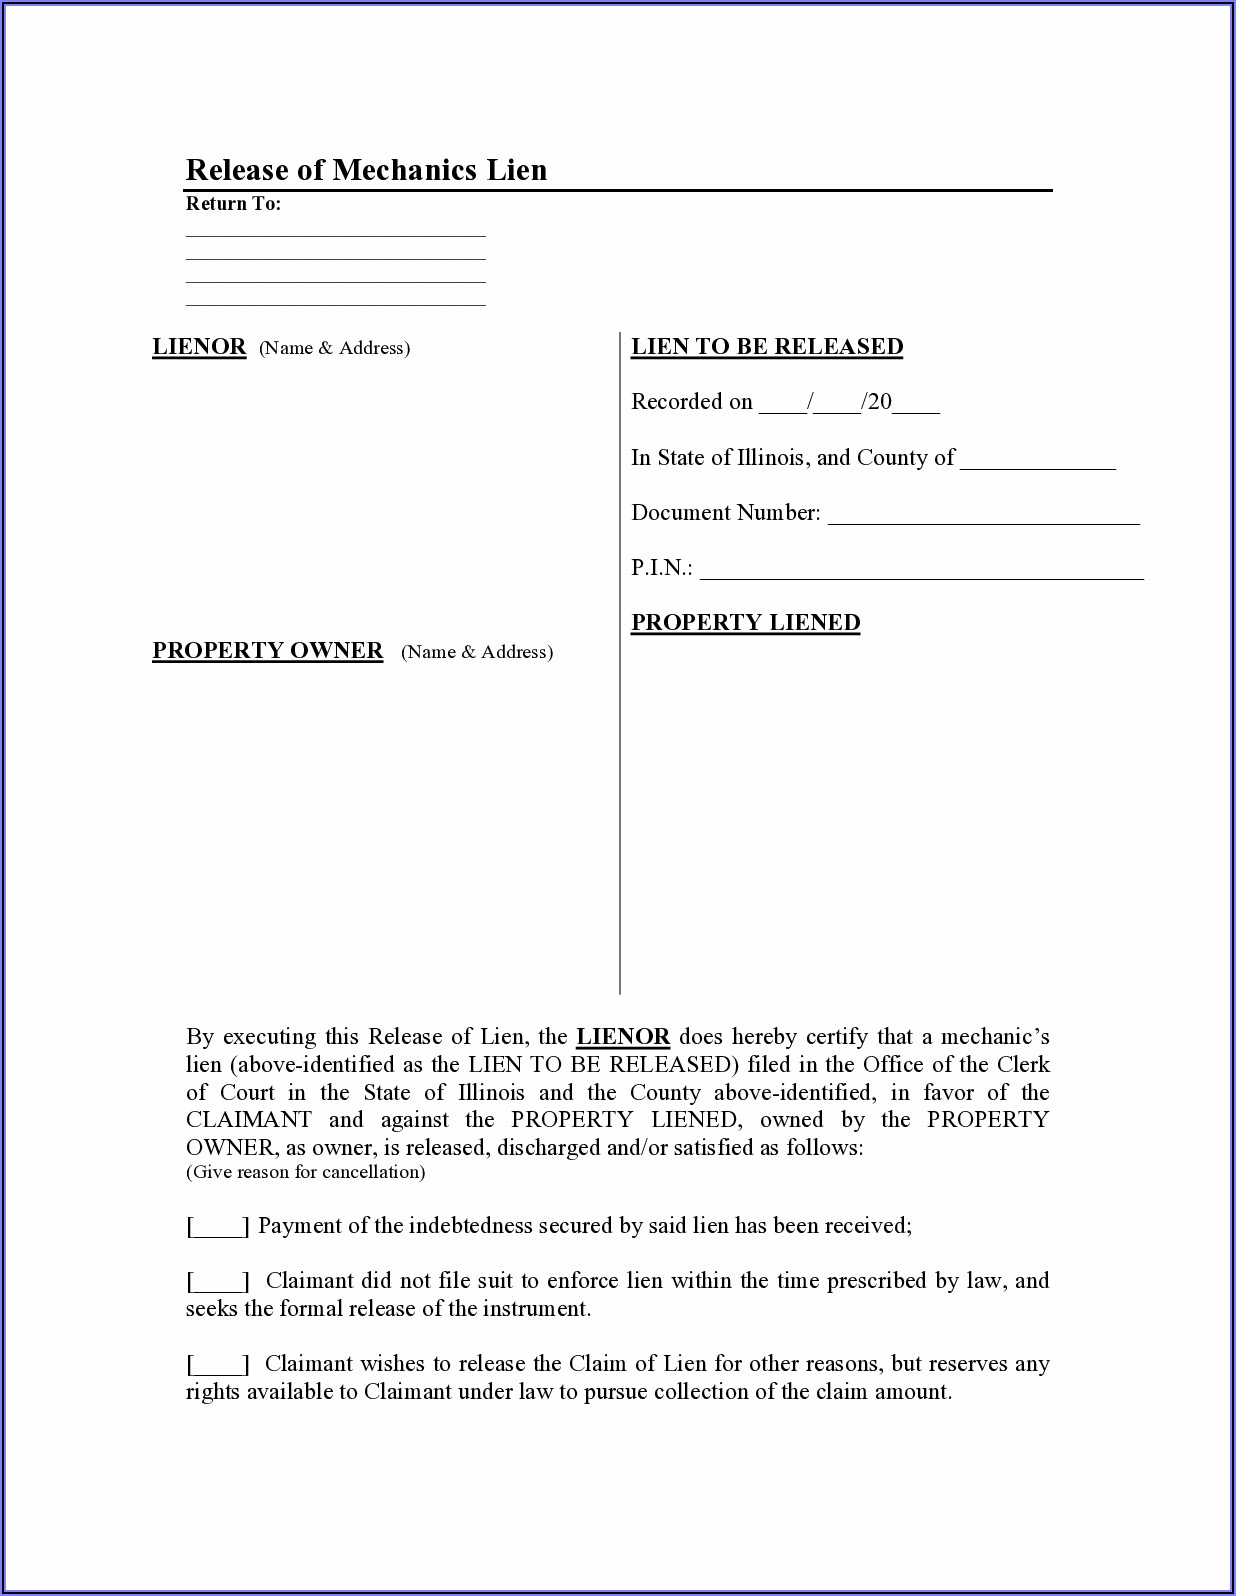 Illinois Mechanics Lien Release Form